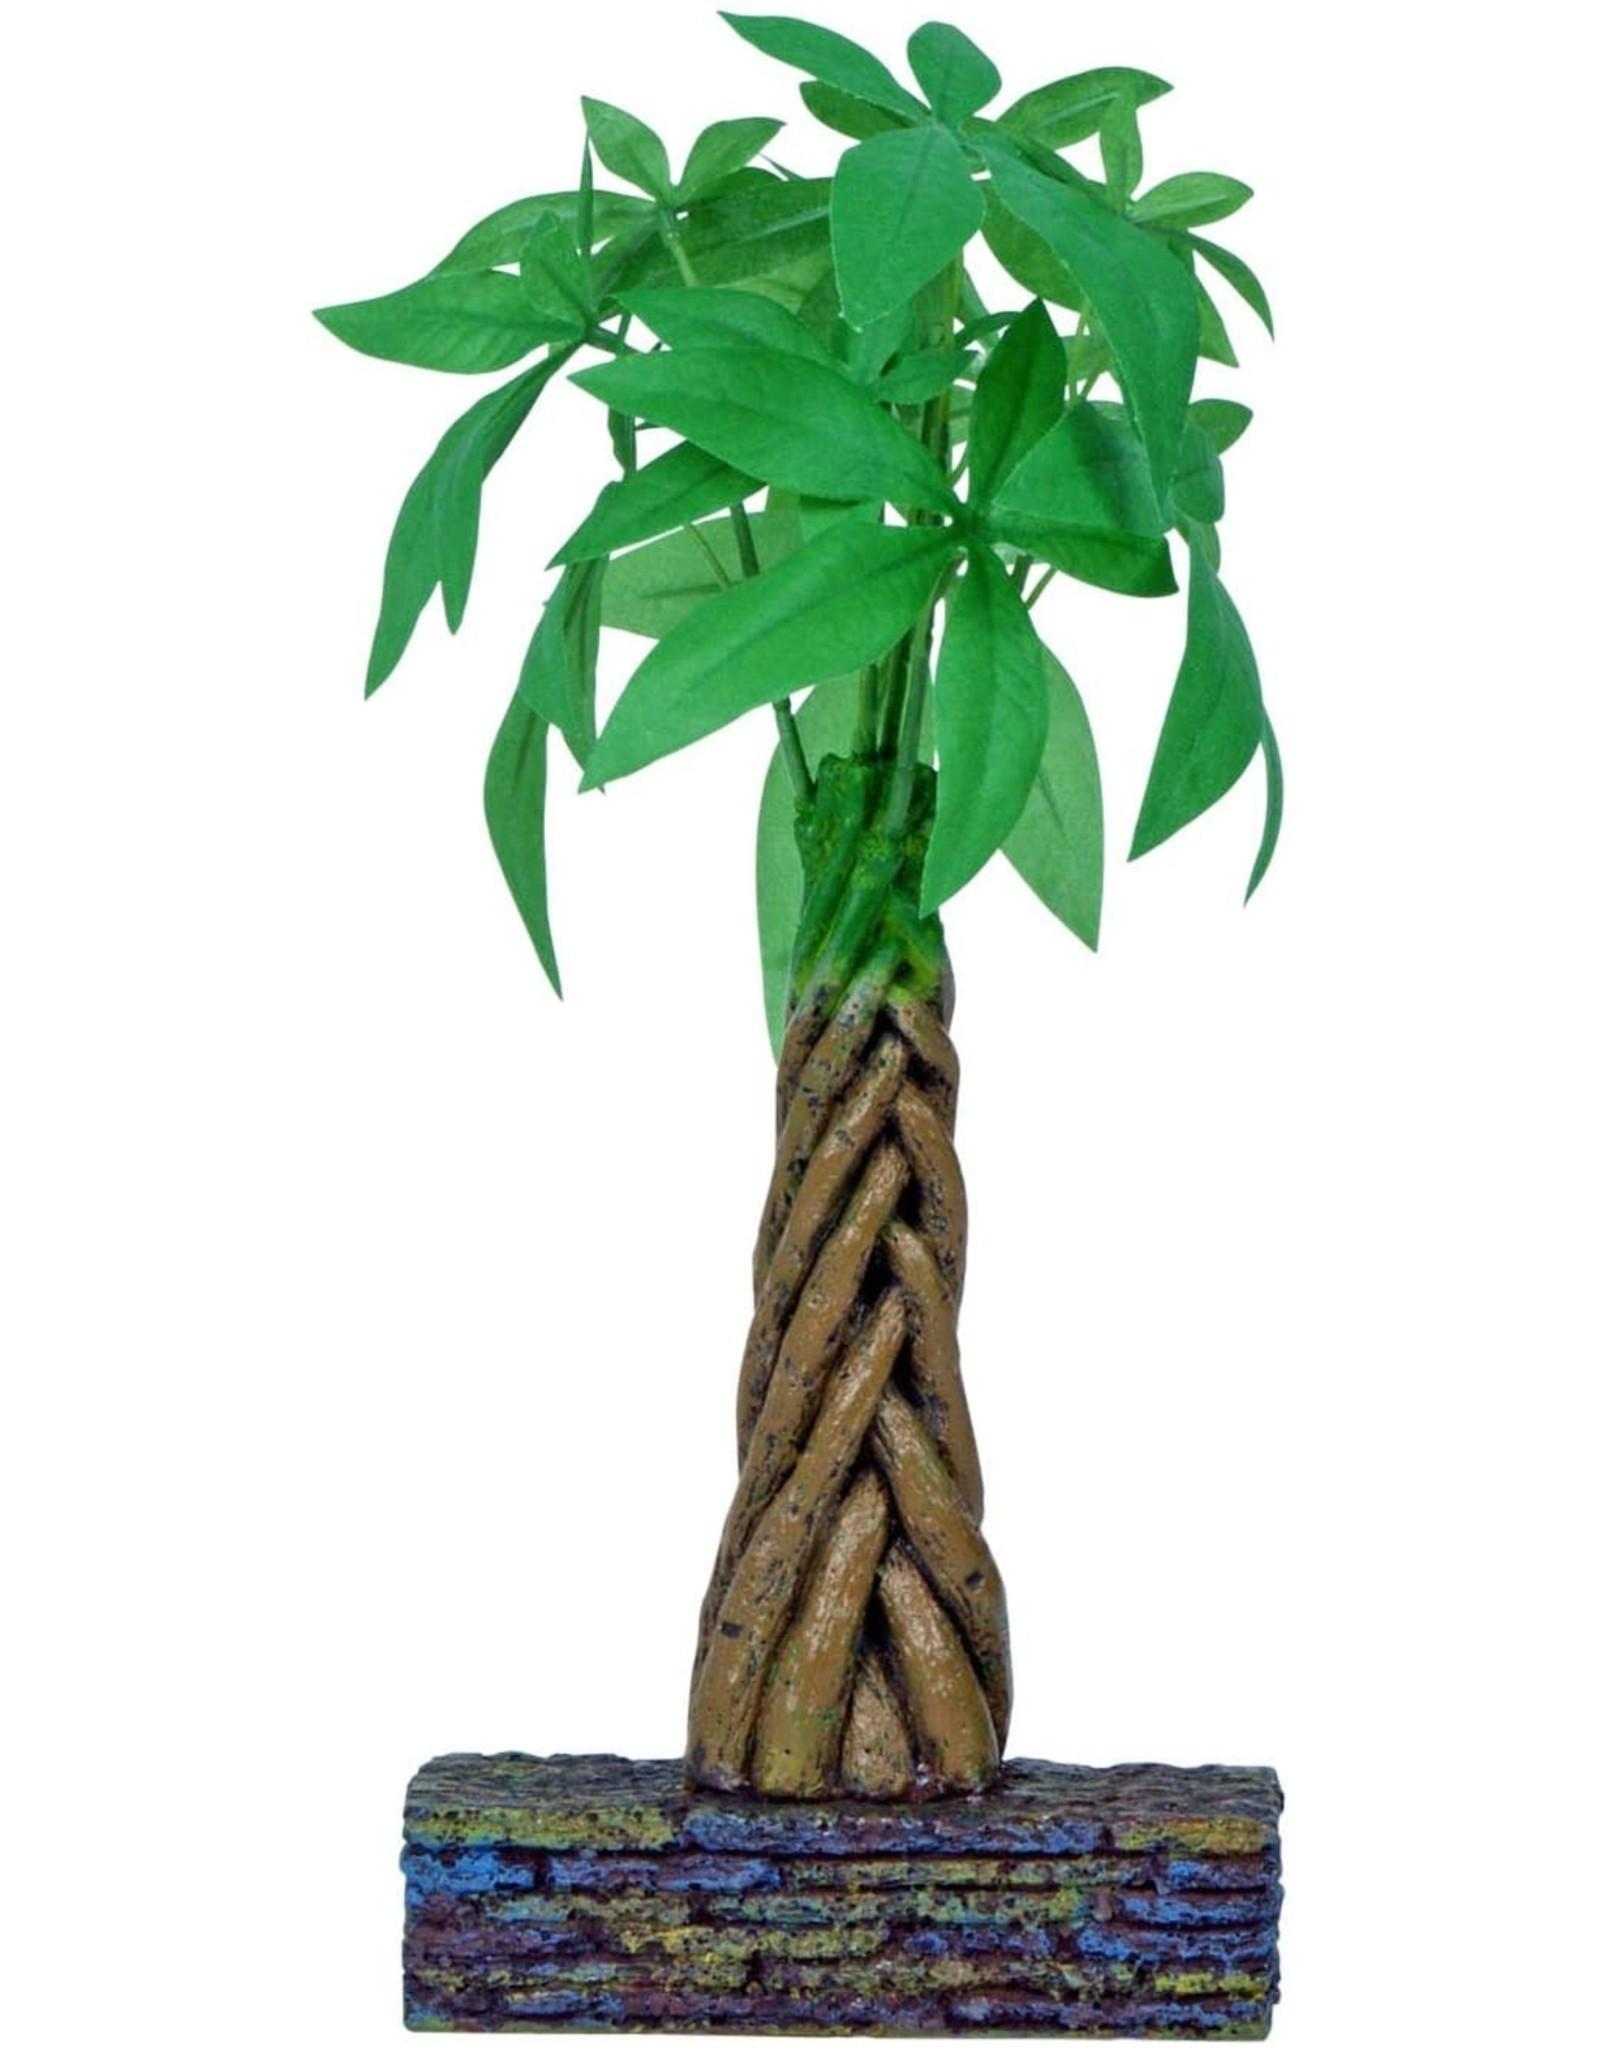 Marina MARINA Betta Ornament Braided Money Tree